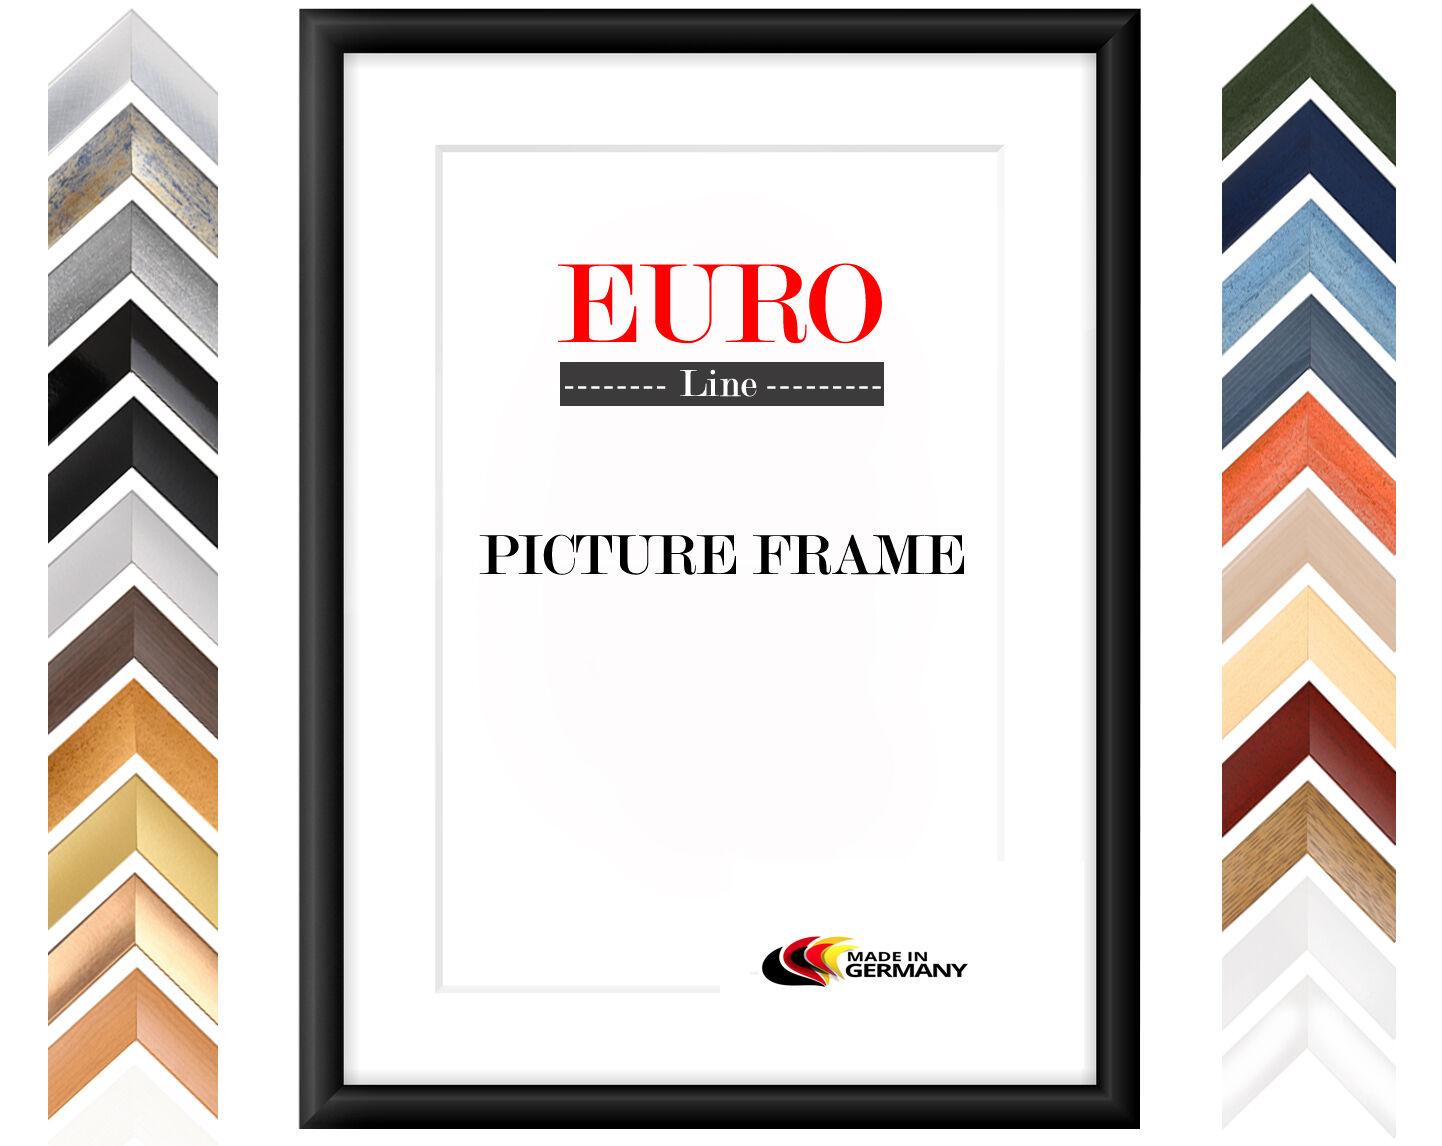 Euroline35 Cadre d'image 67x114 cm ou 114x67 avec entspiegeltem Verre acrylique